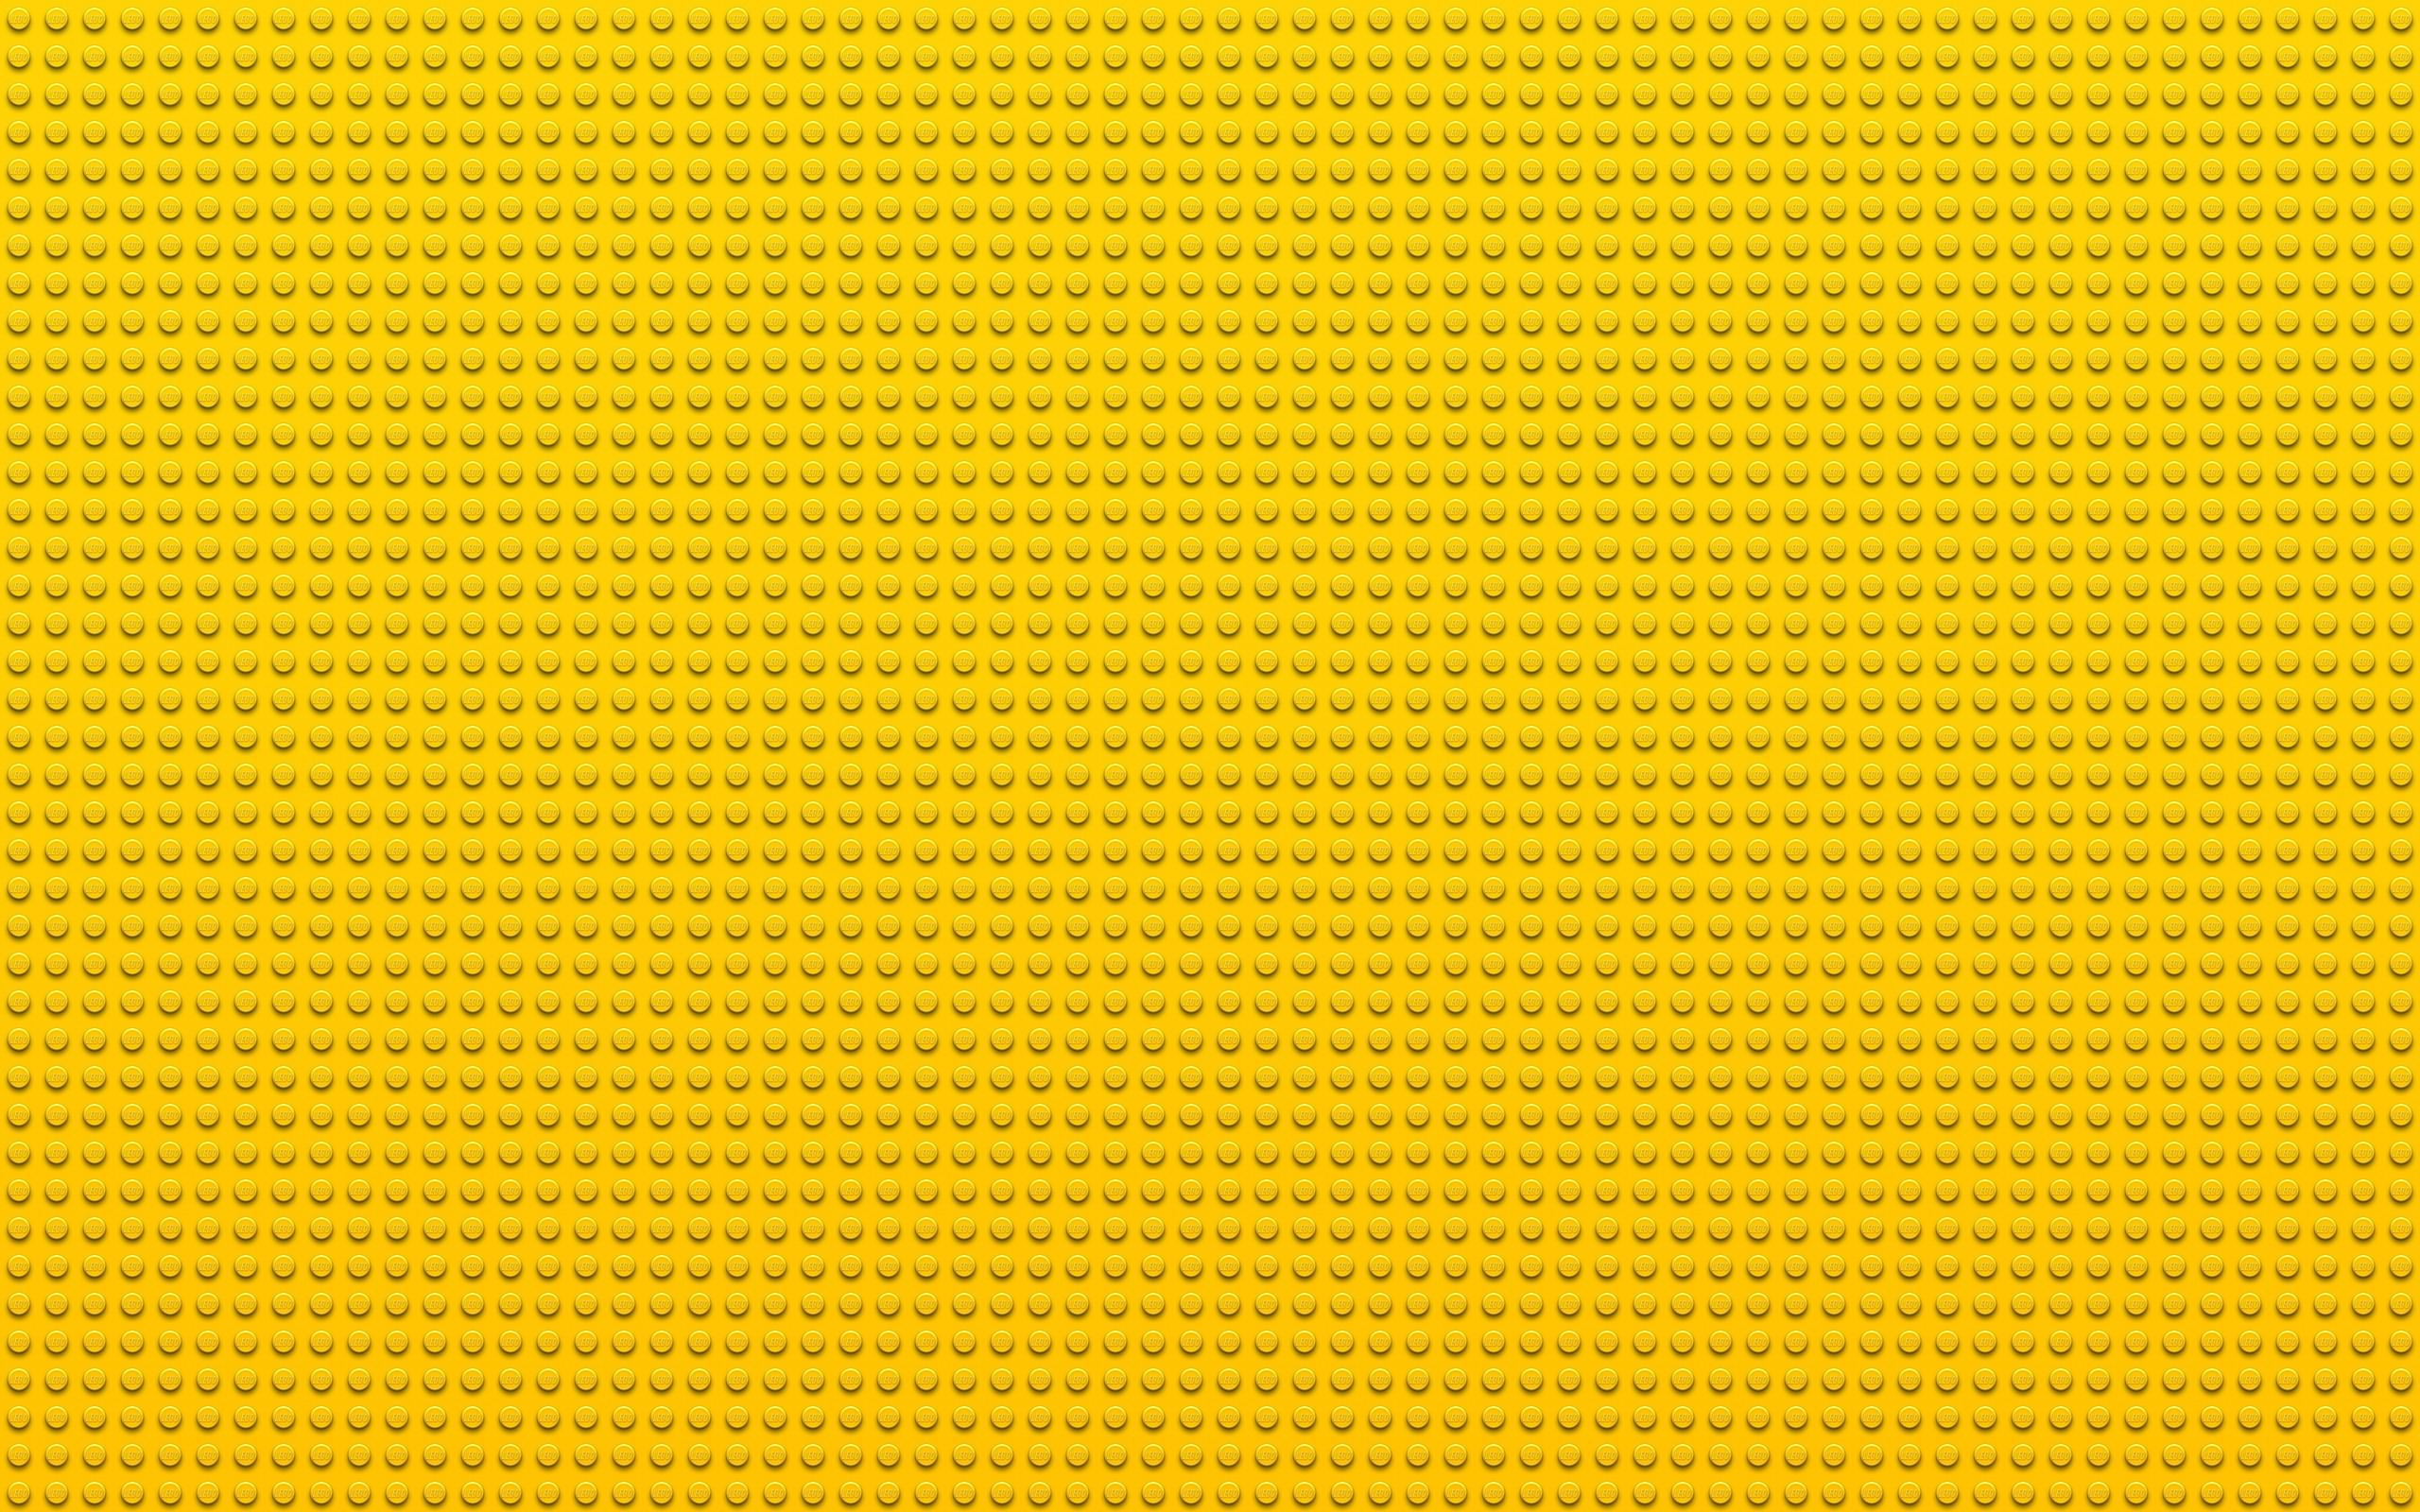 yellow background texture wwwimgkidcom the image kid